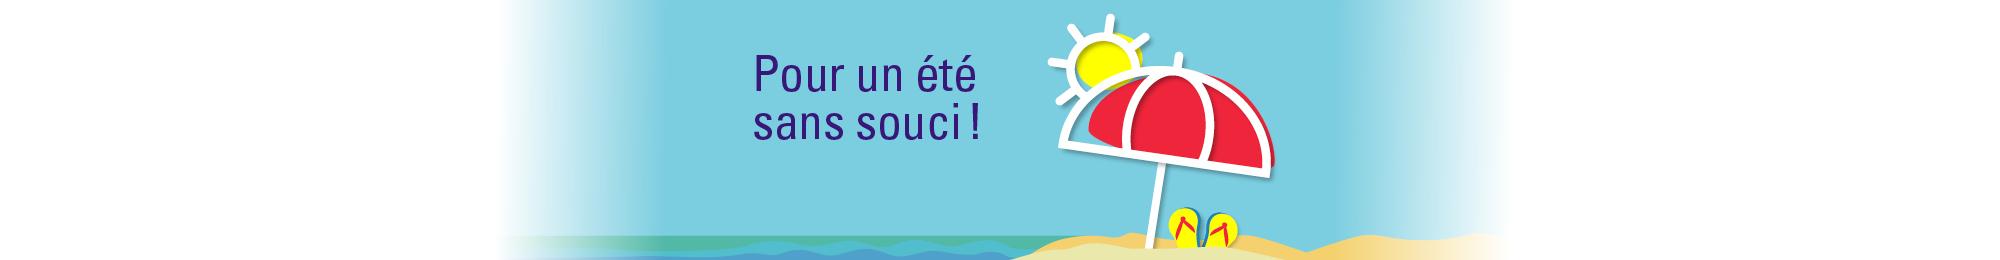 Pour un été sans souci!